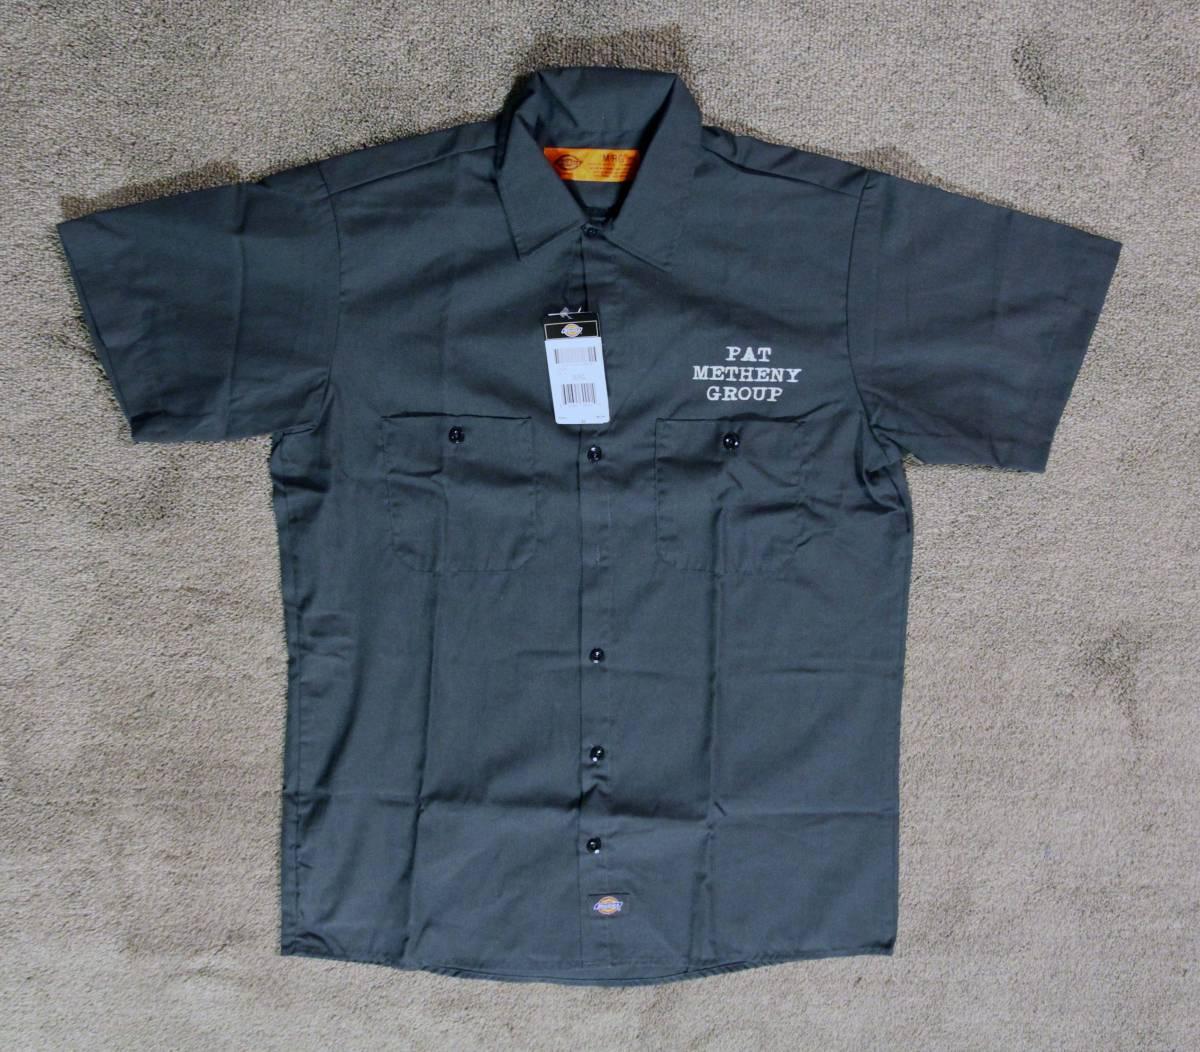 新品 pat metheny group (パットメセニーグループ)dickiesシャツ サイズL 美品